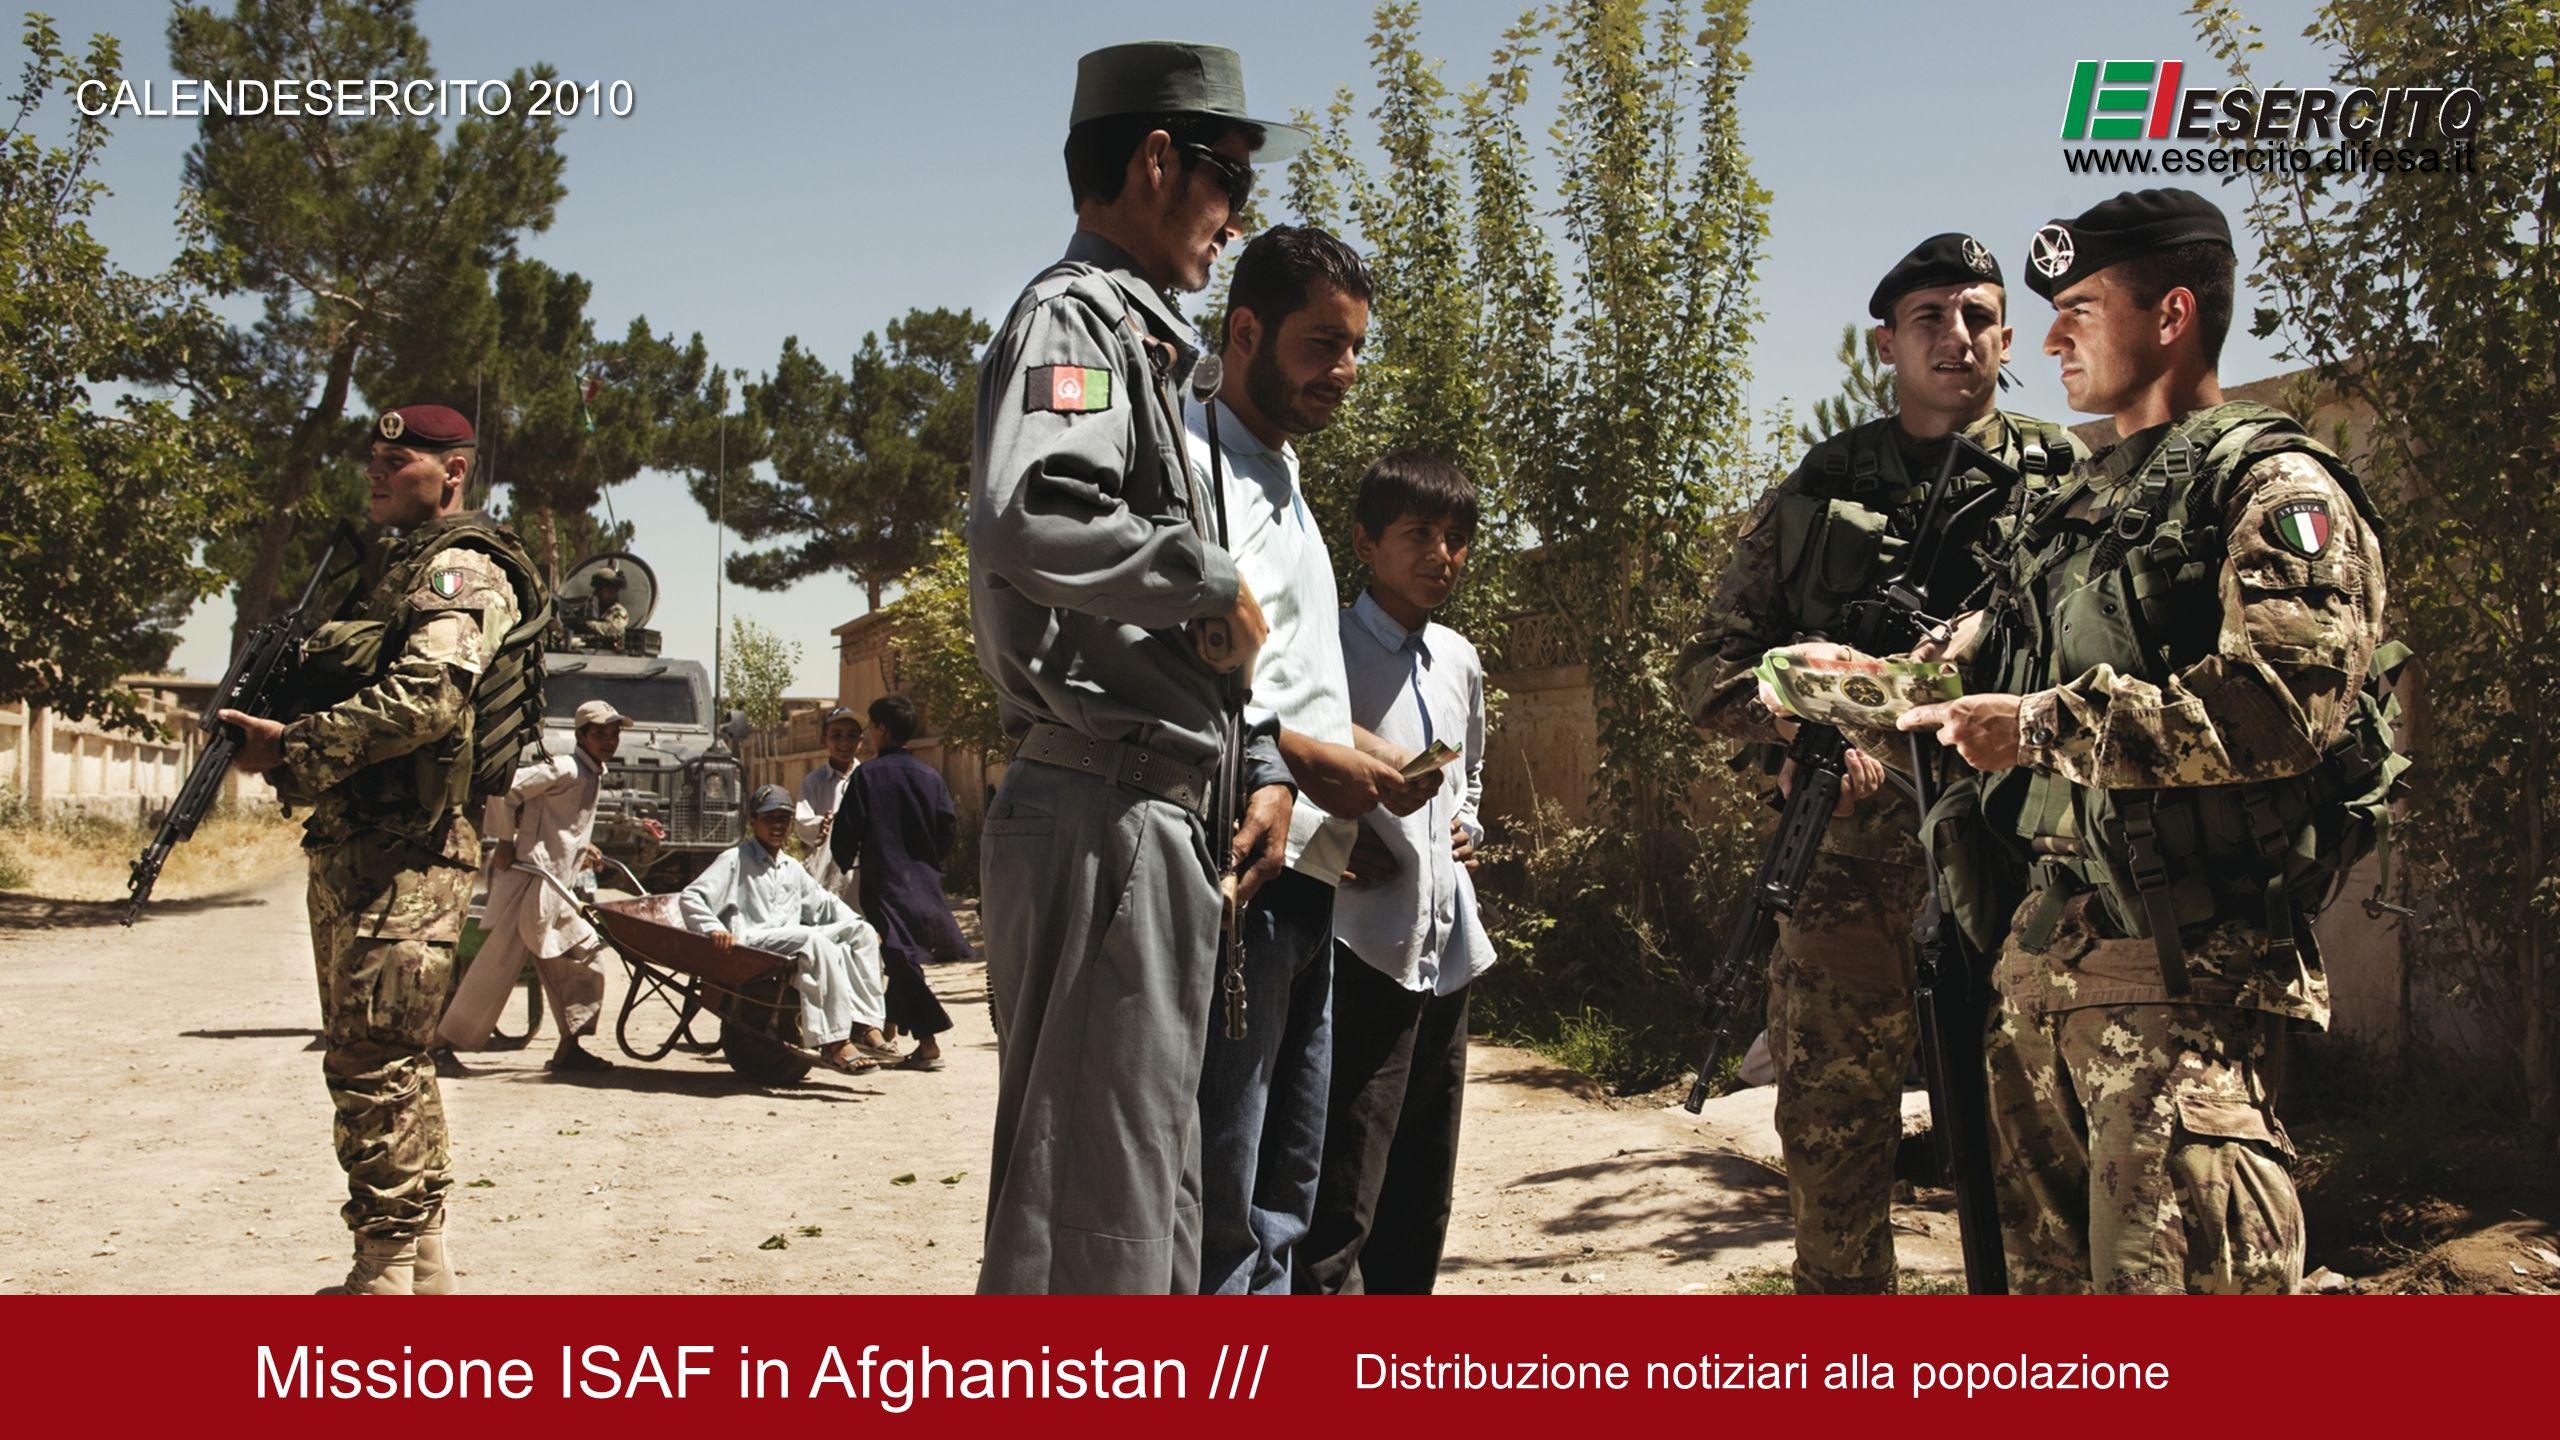 Missione ISAF in Afghanistan /// Distribuzione notiziari alla popolazione CALENDESERCITO 2010 www.esercito.difesa.it